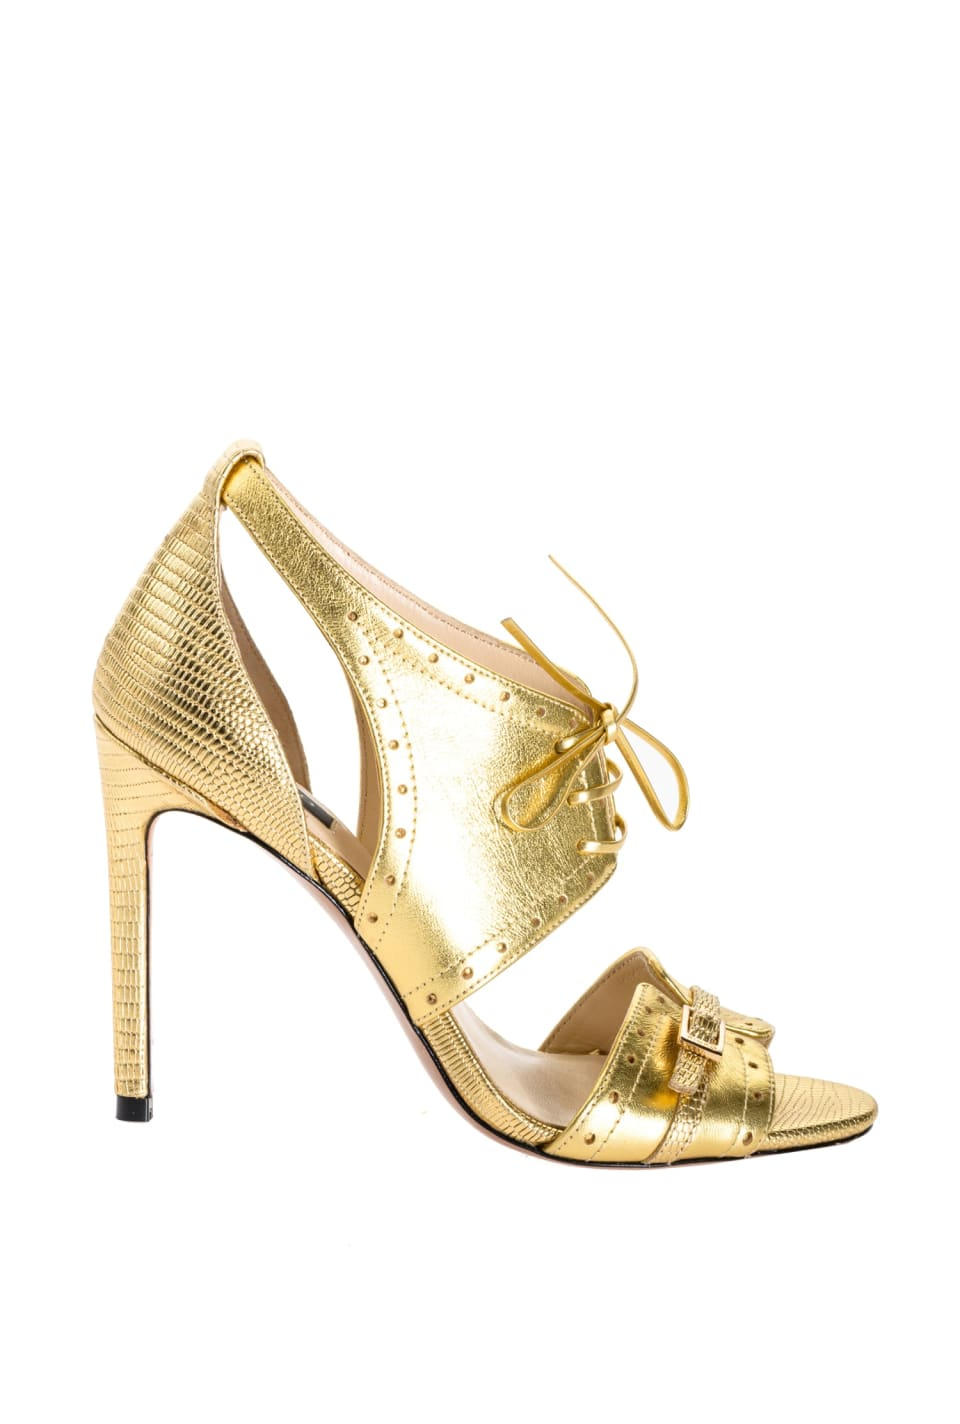 Sandales en cuir lamé doré